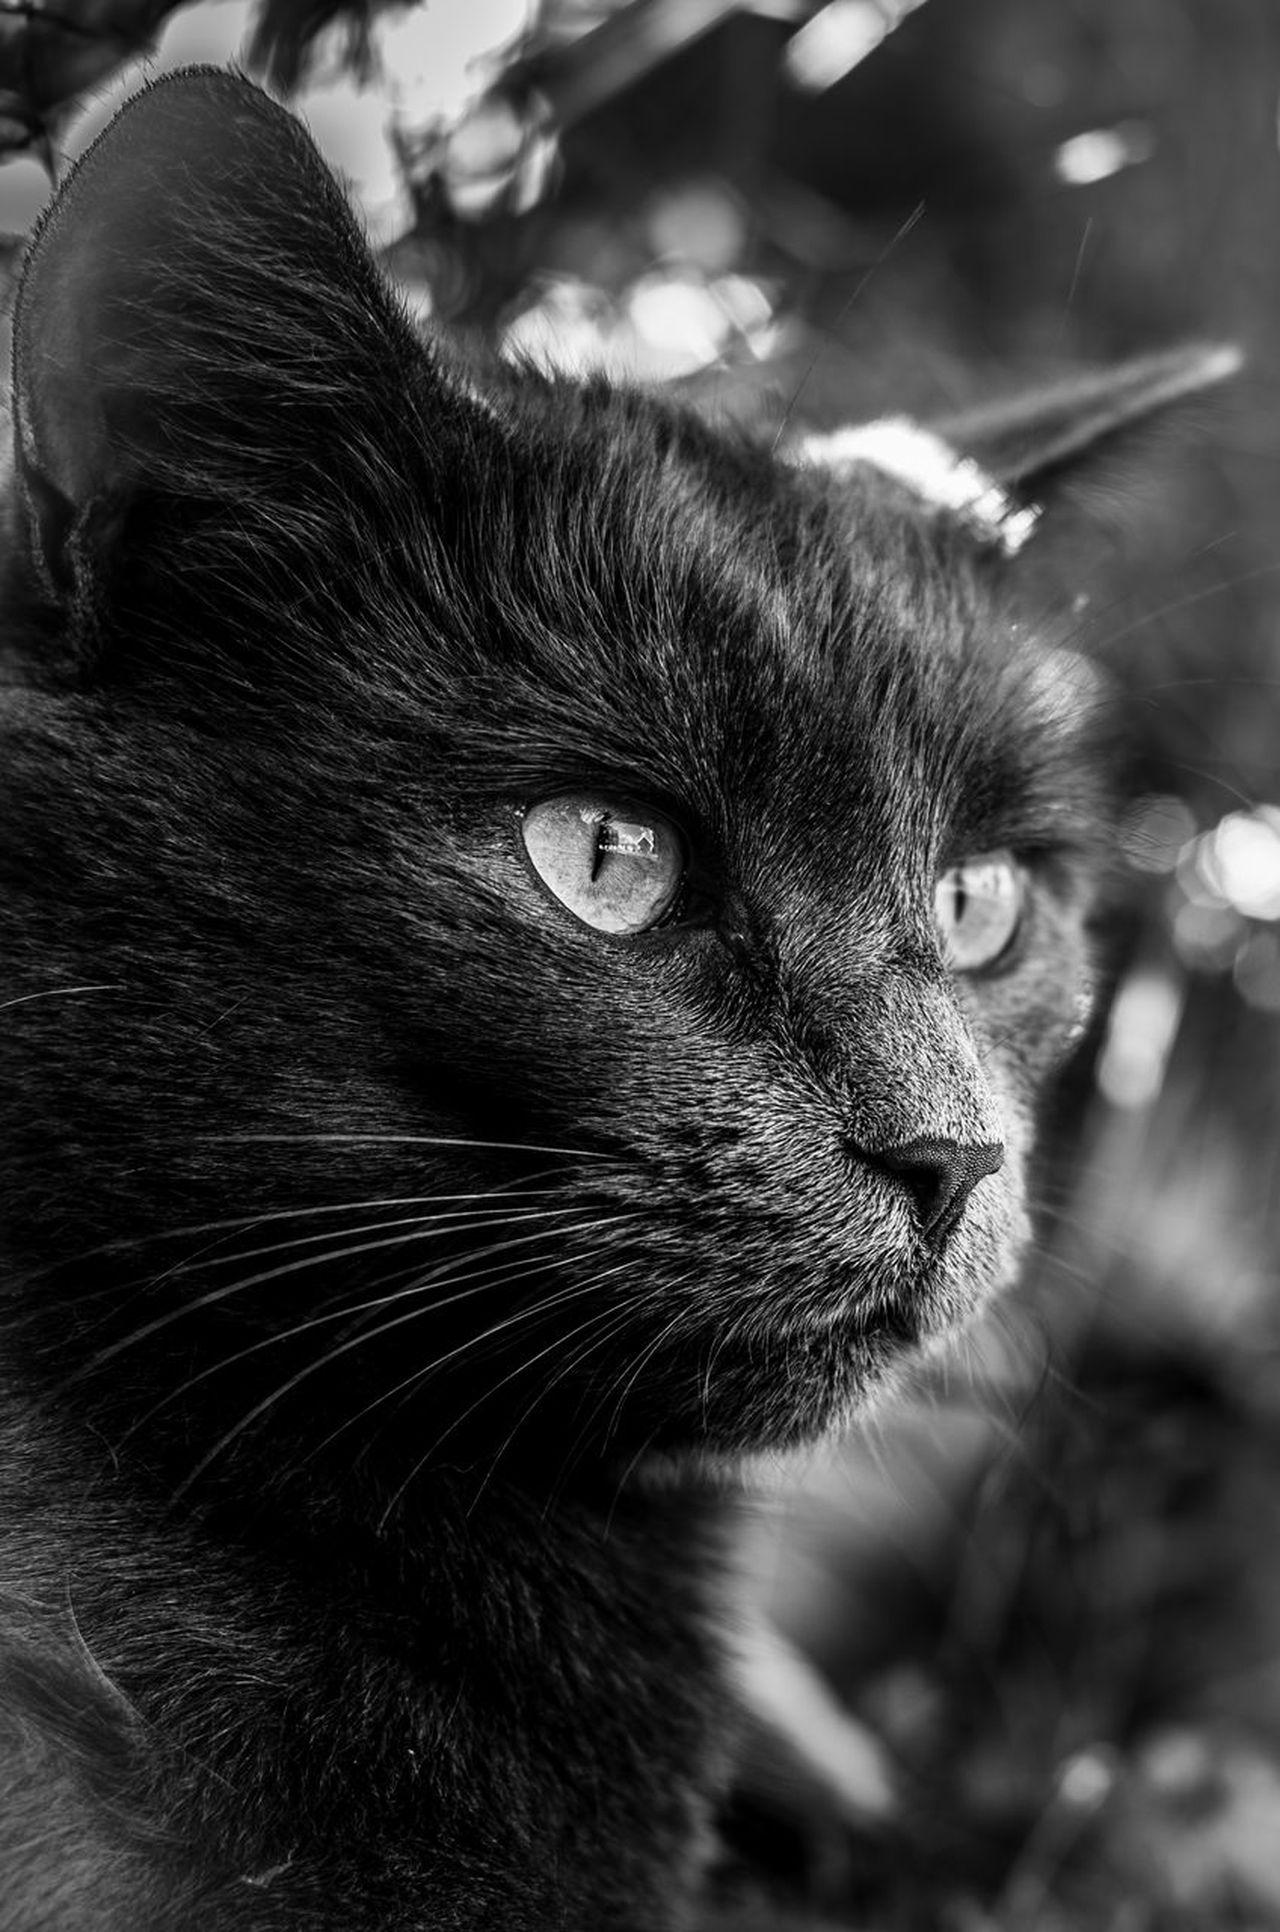 This Is Doris Cat 1cuteshadeofgrey Black And White Blackandwhite Pentax K5ll